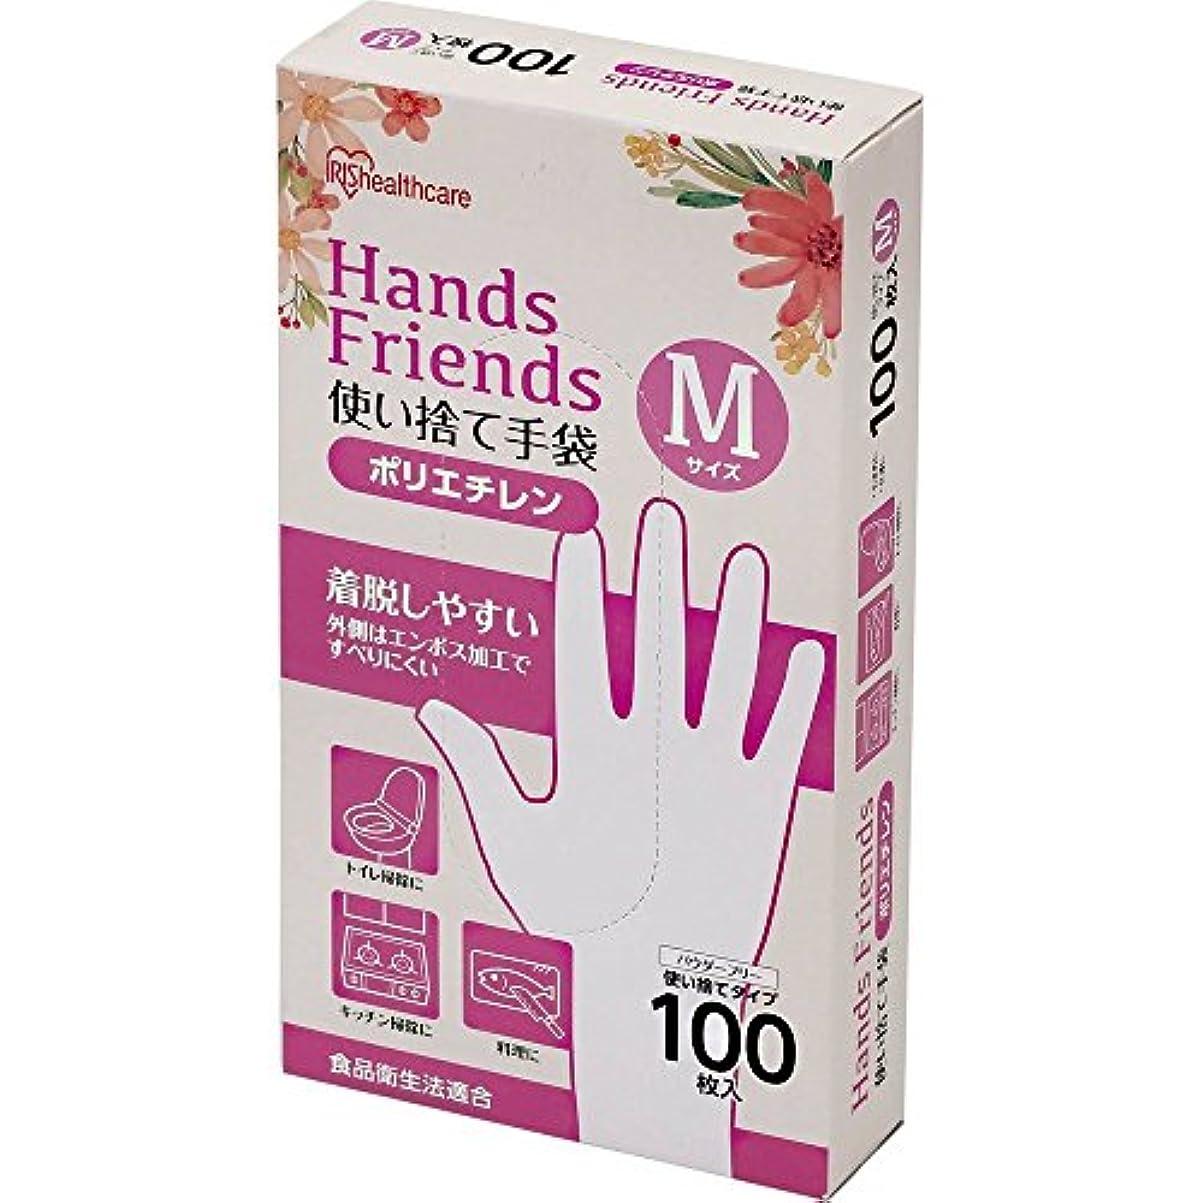 スケルトン蓄積するいじめっ子使い捨て手袋 ポリエチレン手袋 Mサイズ 粉なし パウダーフリー クリア 100枚入